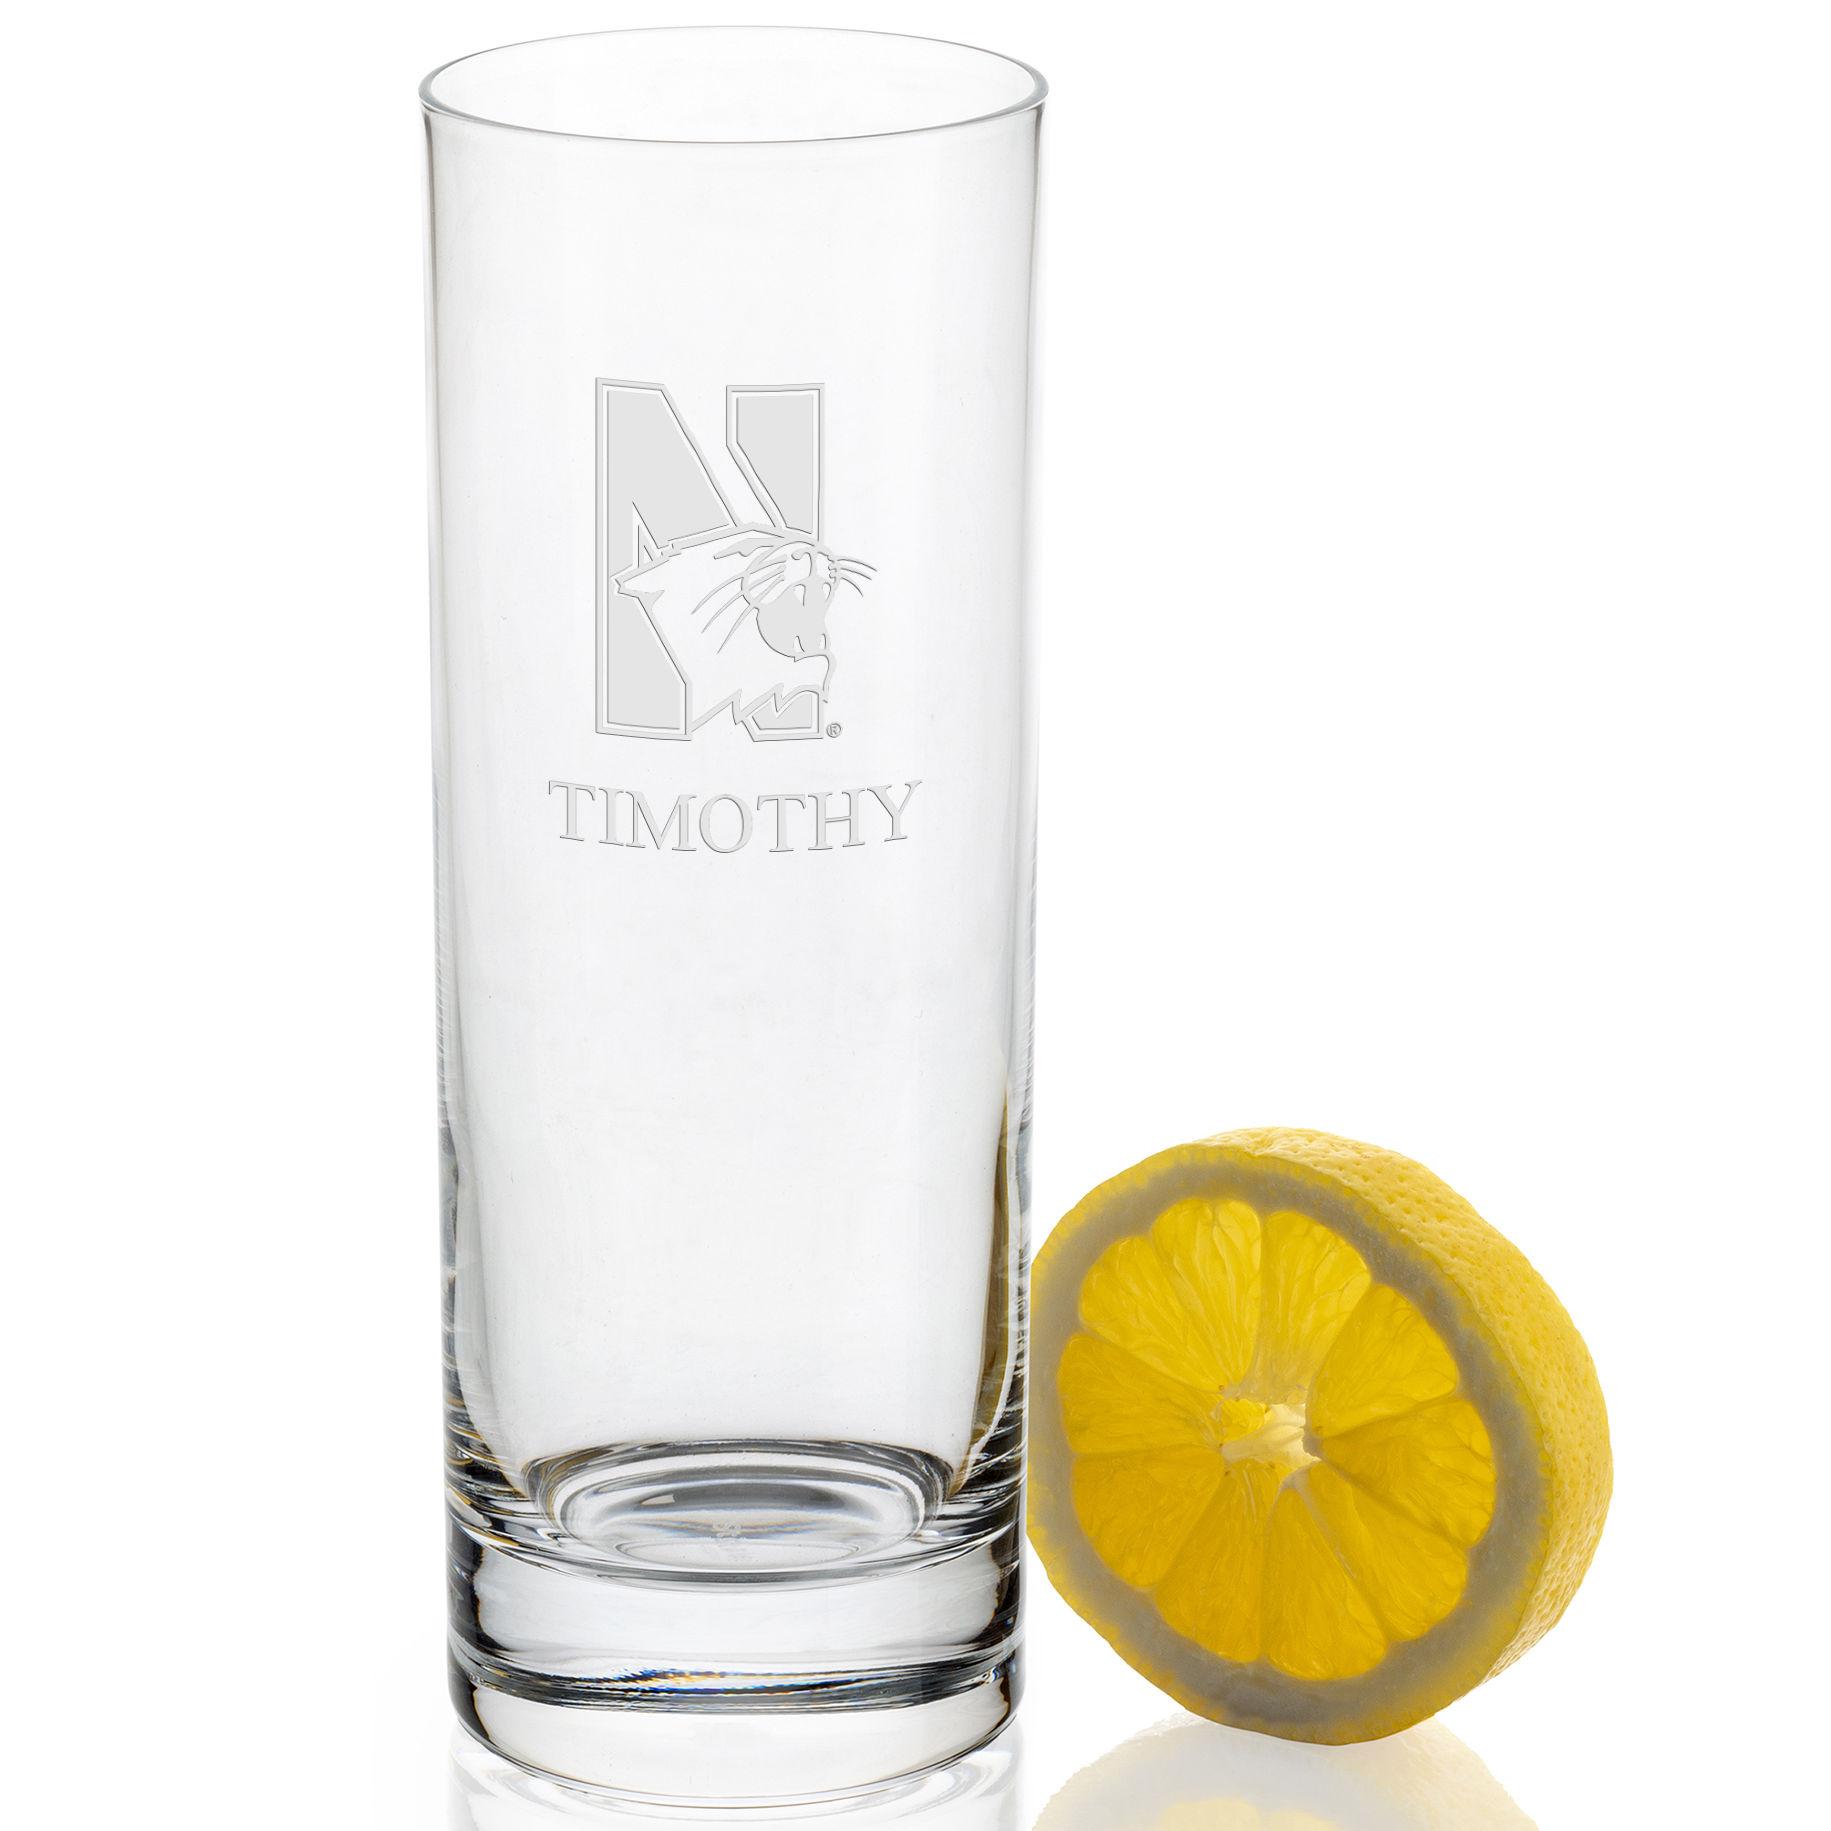 Northwestern University Iced Beverage Glasses - Set of 2 - Image 2